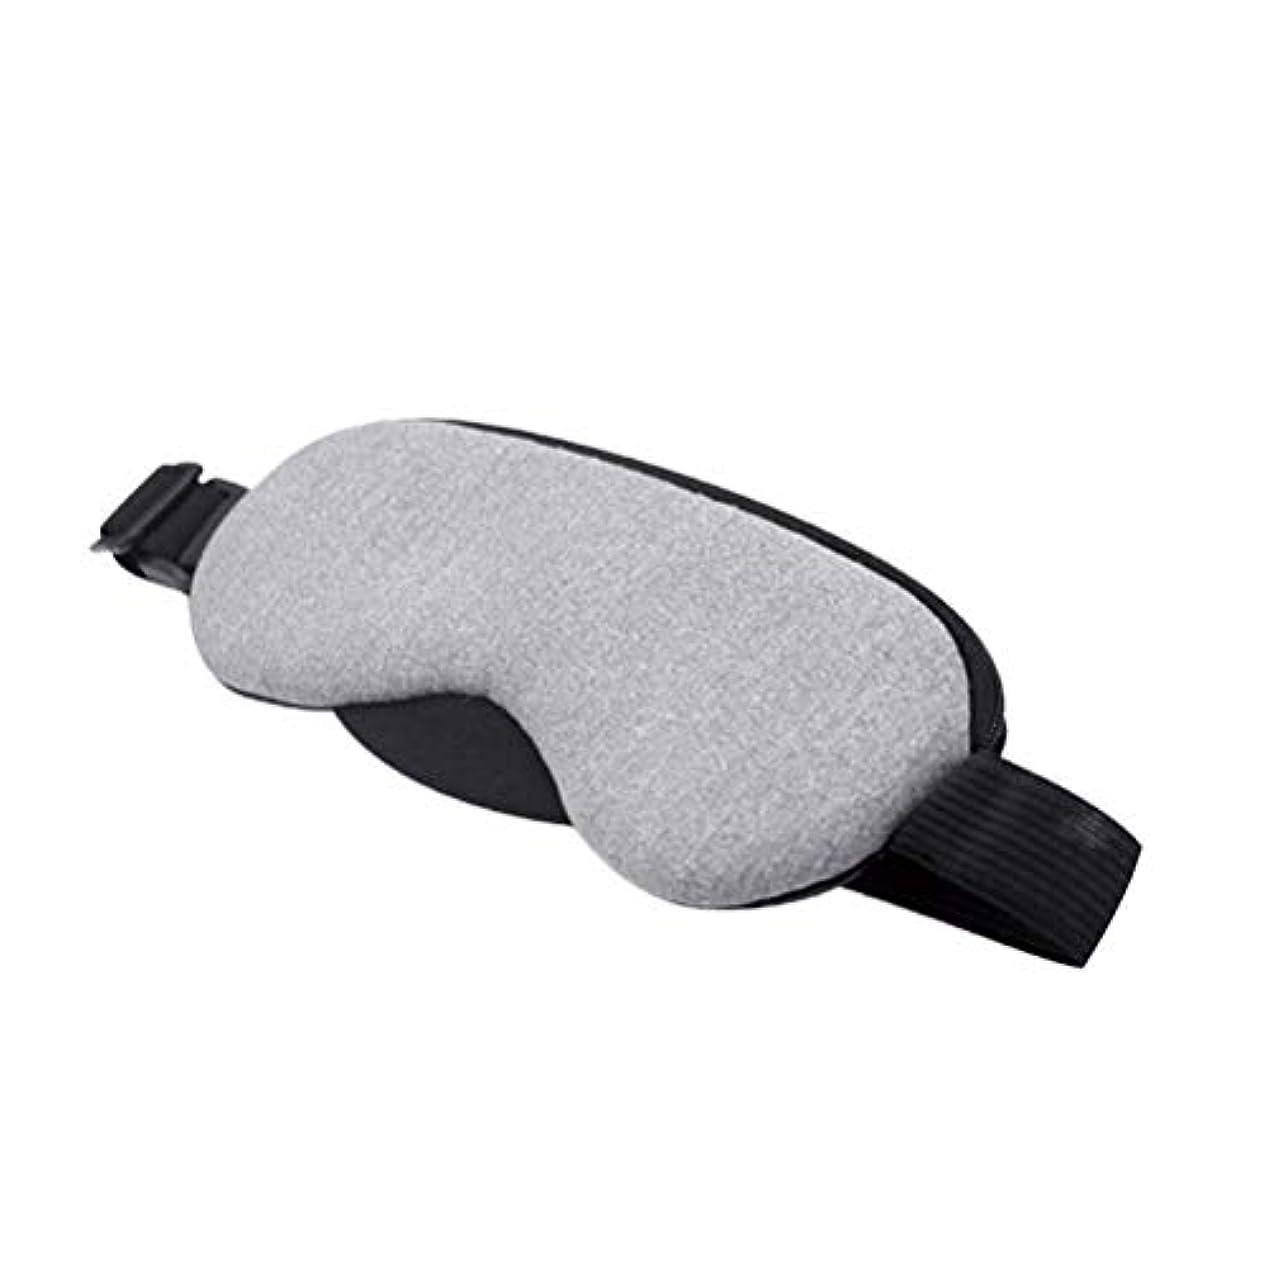 ガレージ簿記係技術者HEALIFTY アイマスクUSBヒートホットスチームアイマスクは、パフの目を癒すために設計されています。ダークサークルアイドライアイブライトフィリストストレスフィニッシュアイ(グレーフレグランスフリー)